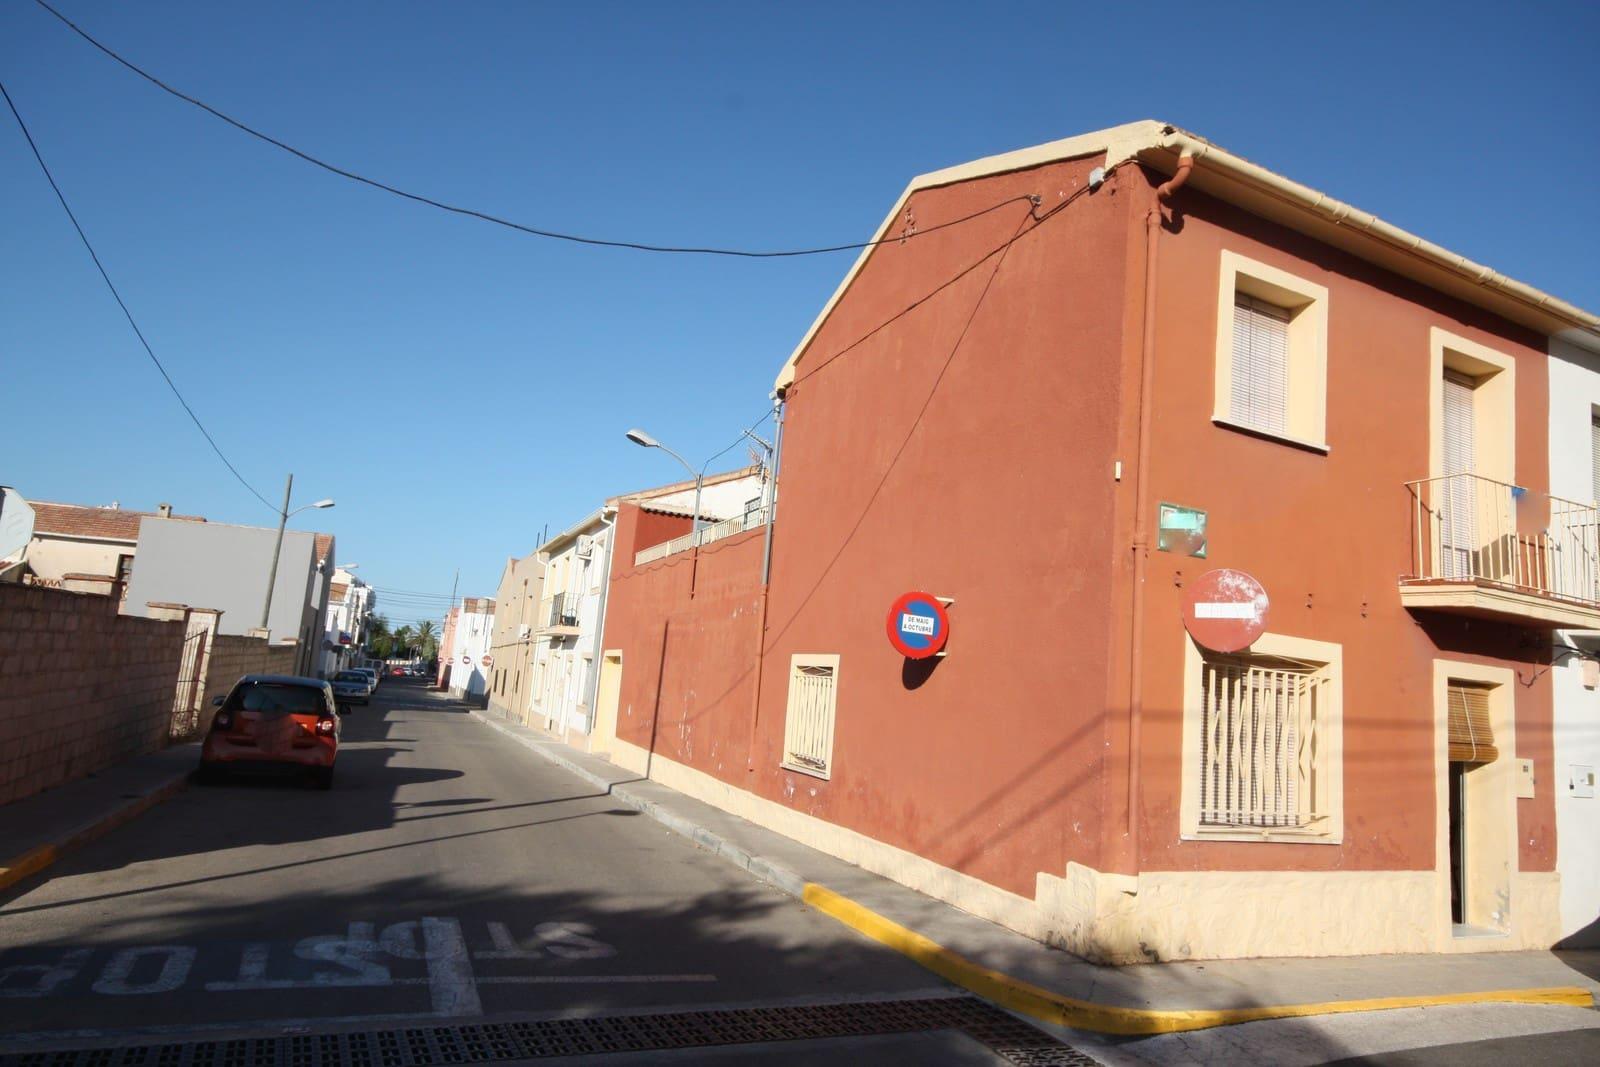 Casa de 4 habitaciones en Beniarbeig en venta - 122.000 € (Ref: 4724541)